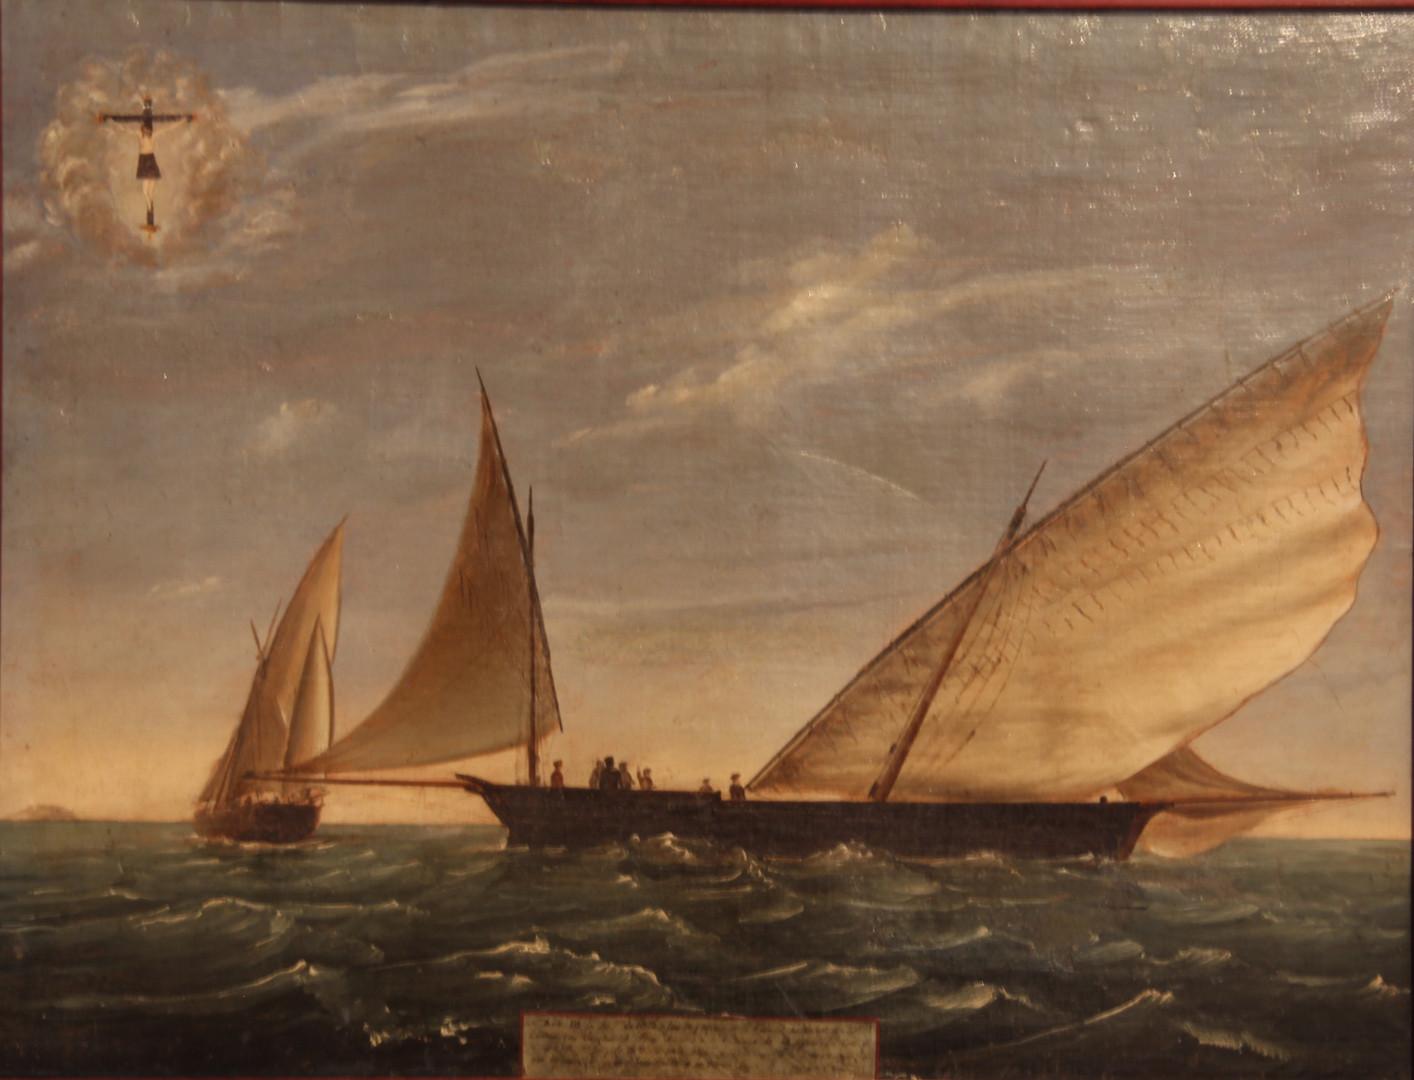 """Exvot de la tartana """"Carmen"""", dia 18 de setembre de 1855 (Col·lecció Jaume Ferrando Barceló. Fotografia Sebastià Vidal)."""